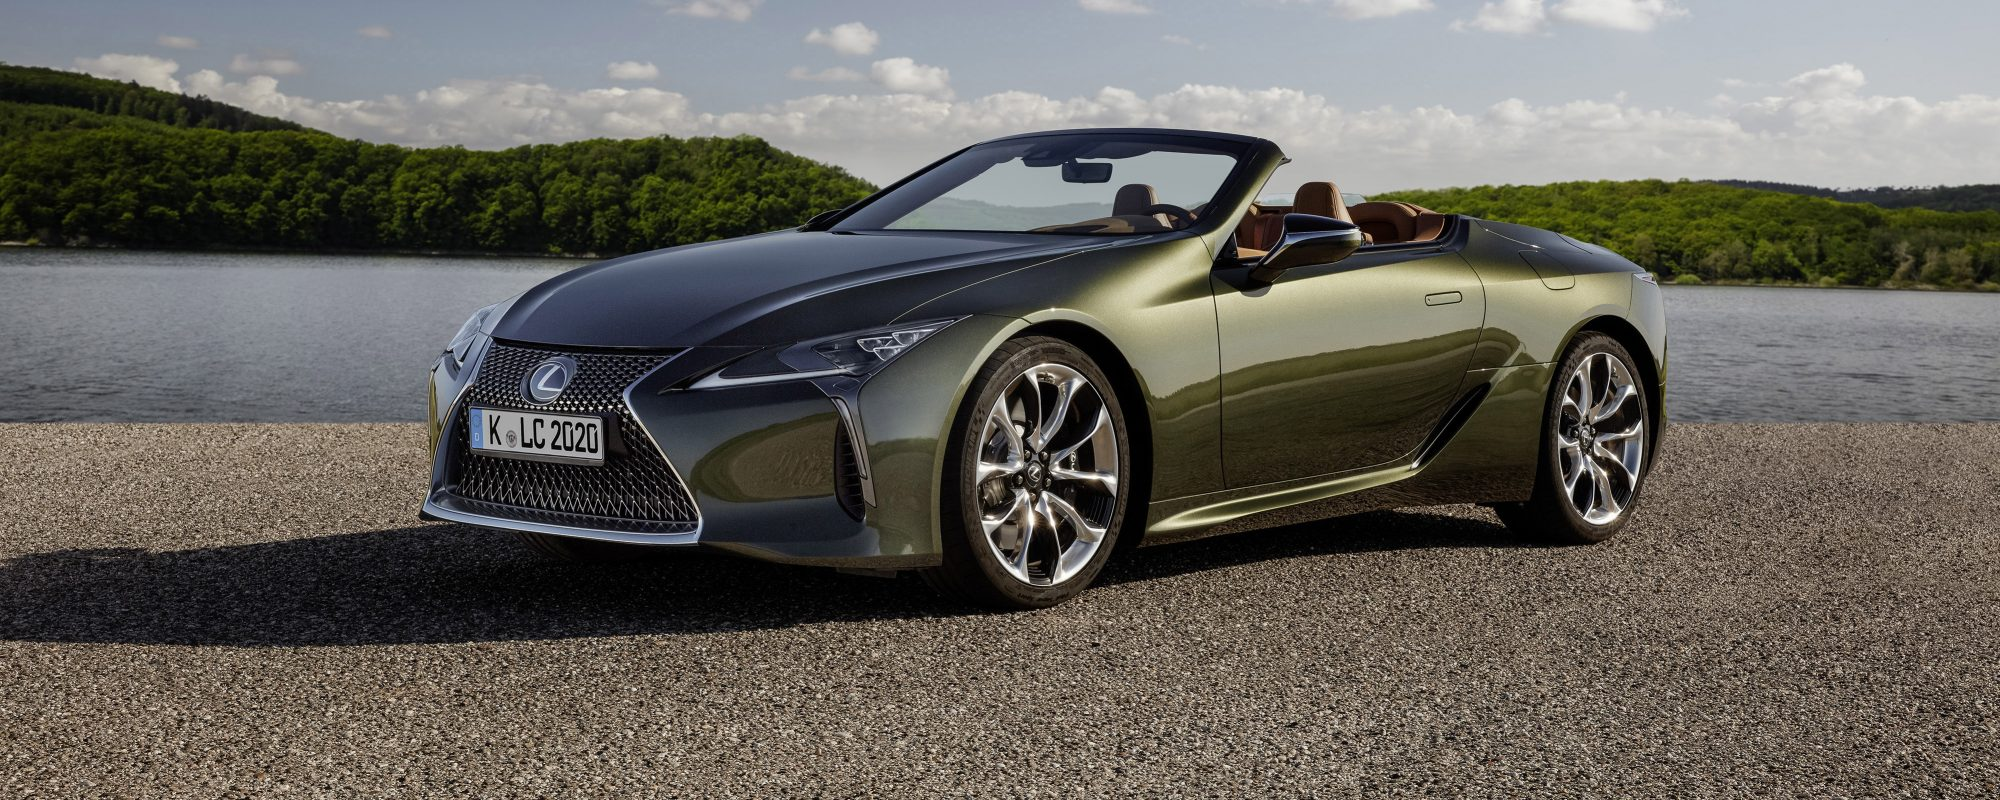 Lexus maakt prijs Lexus LC 500 Convertible bekend